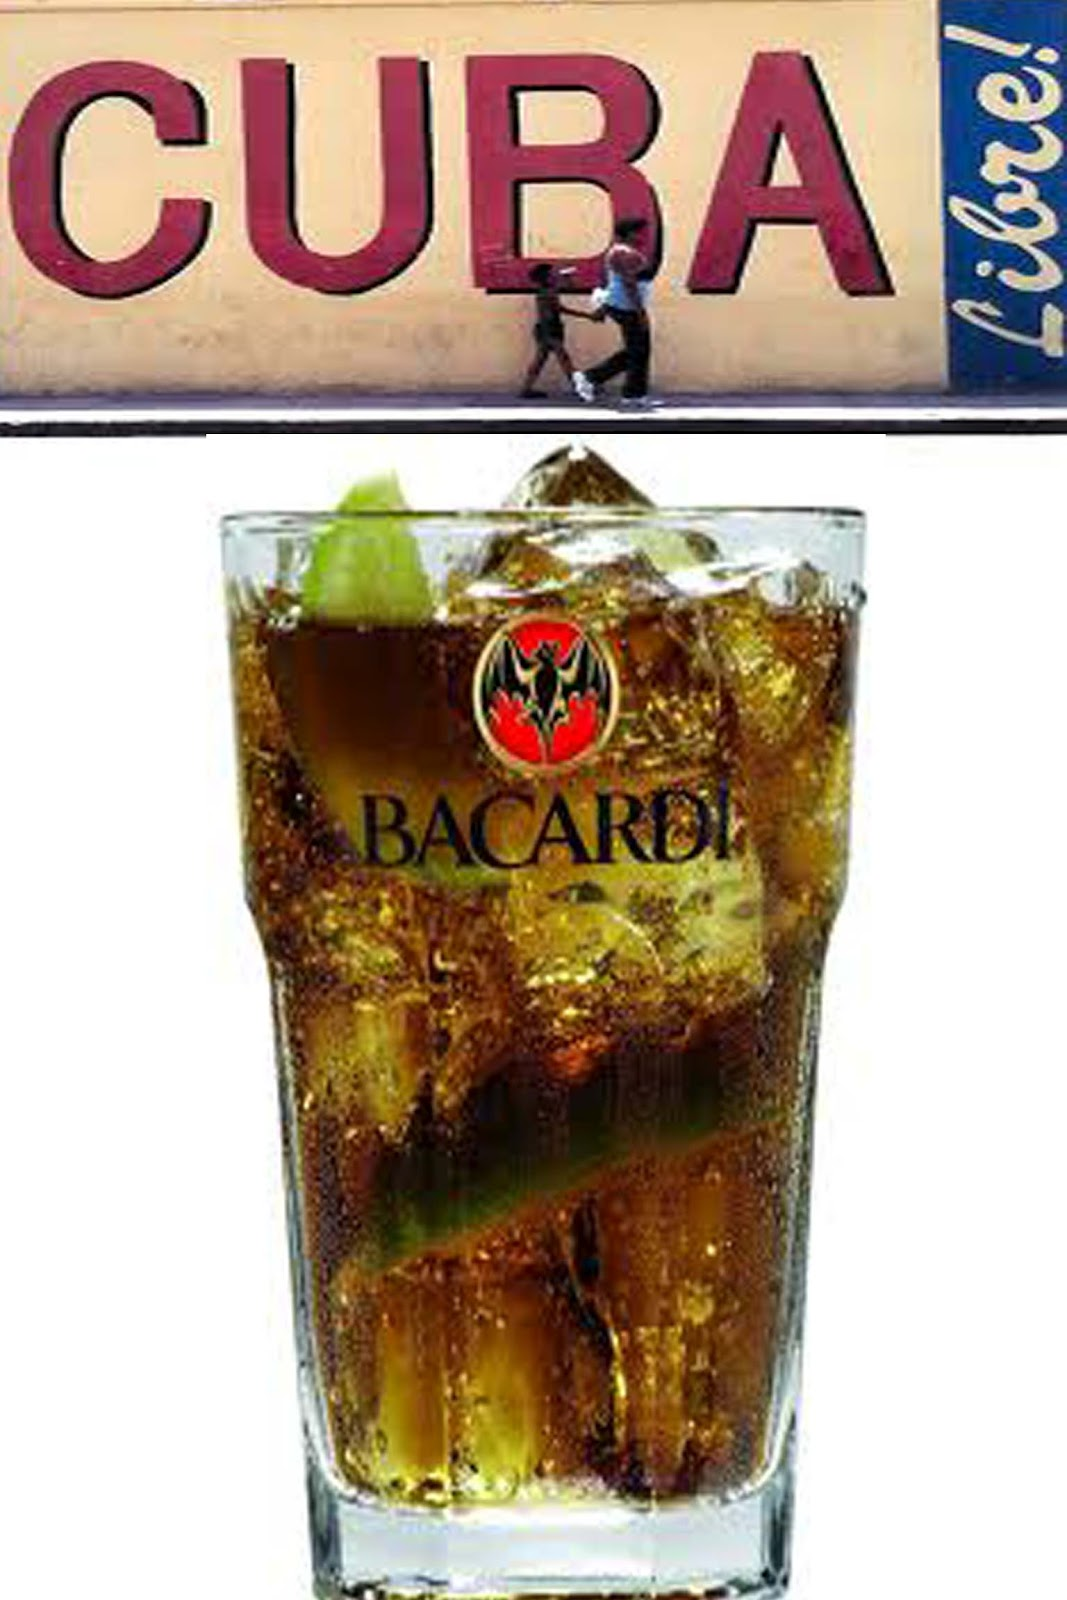 ... Bacardi celebra los 112 años del cóctel Cuba Libre | Barman in Red